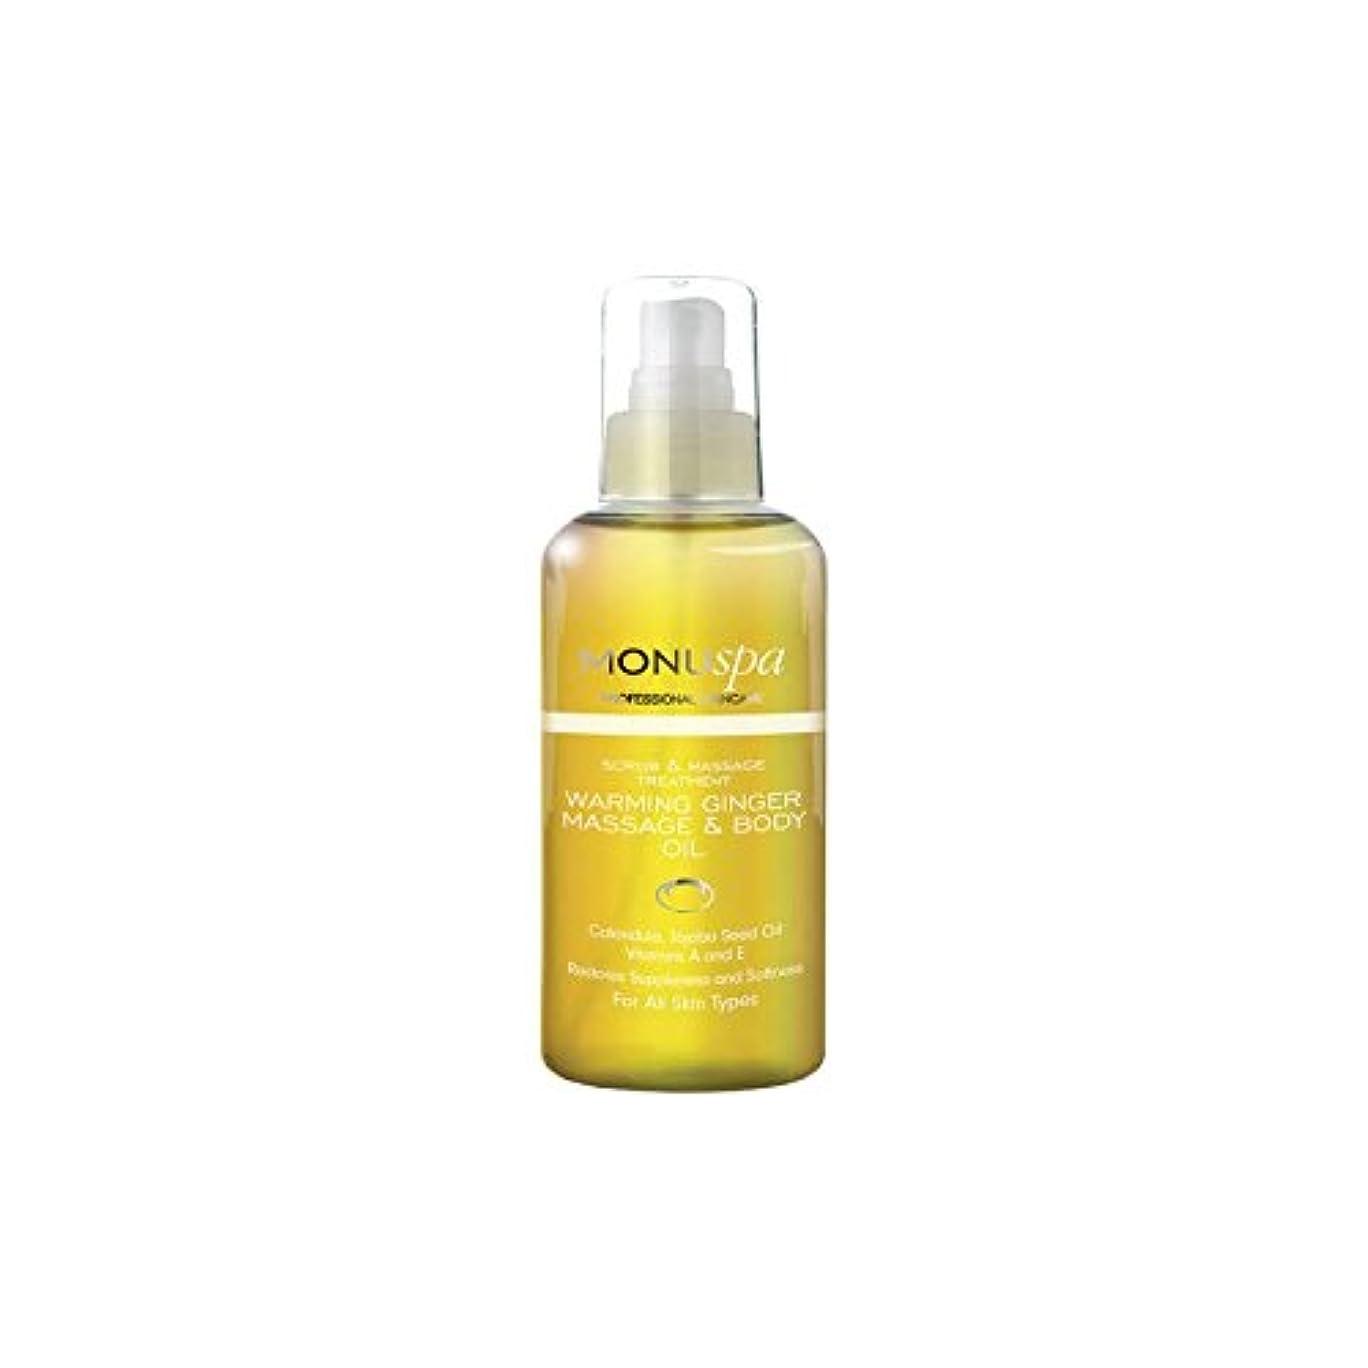 ポンド排泄物磁石温暖化ジンジャーボディオイル100ミリリットル x2 - MONUspa Warming Ginger Body Oil 100ml (Pack of 2) [並行輸入品]